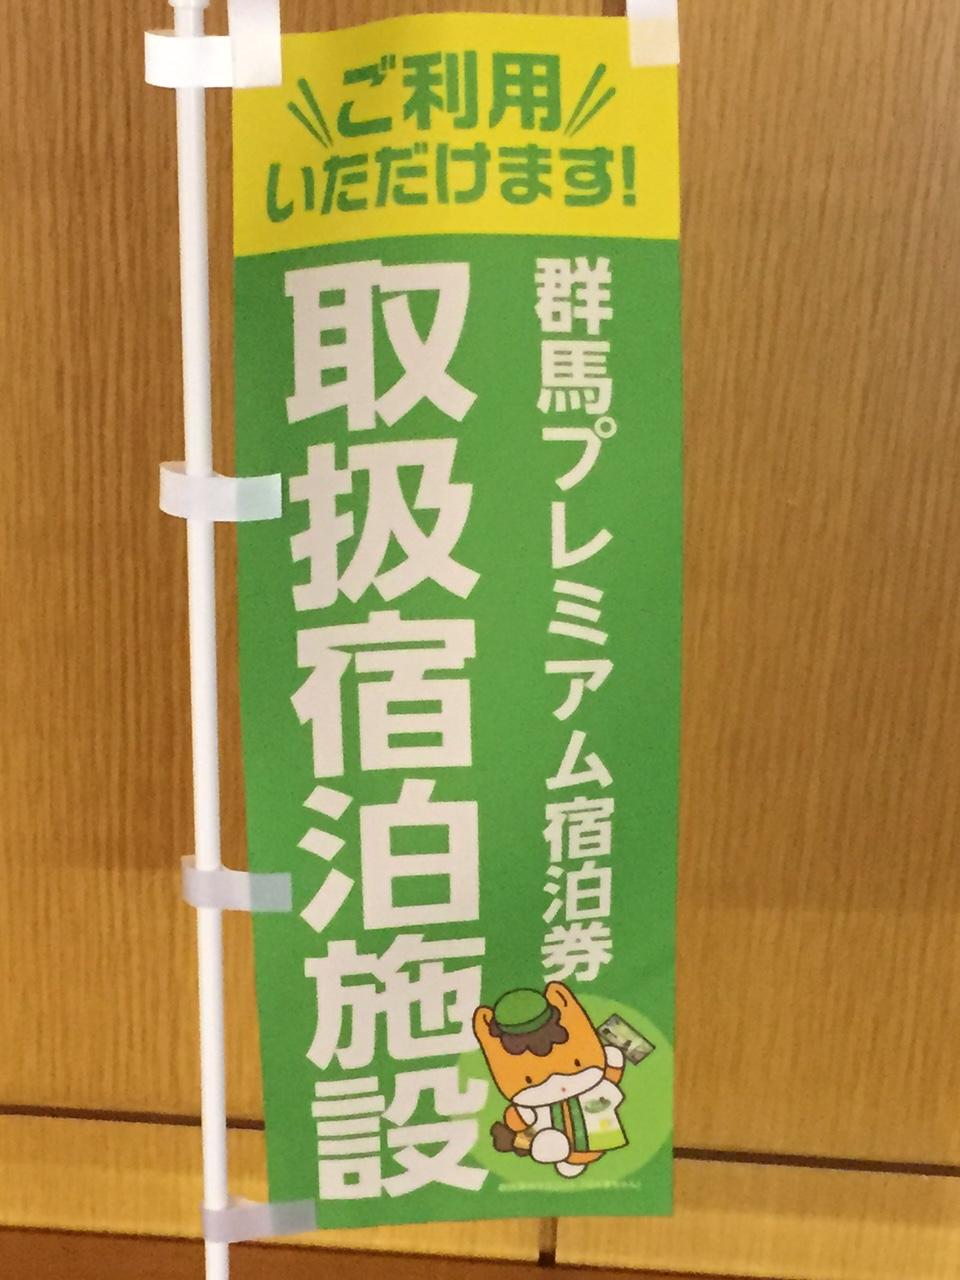 ☆ 群馬プレミアム宿泊券! ☆